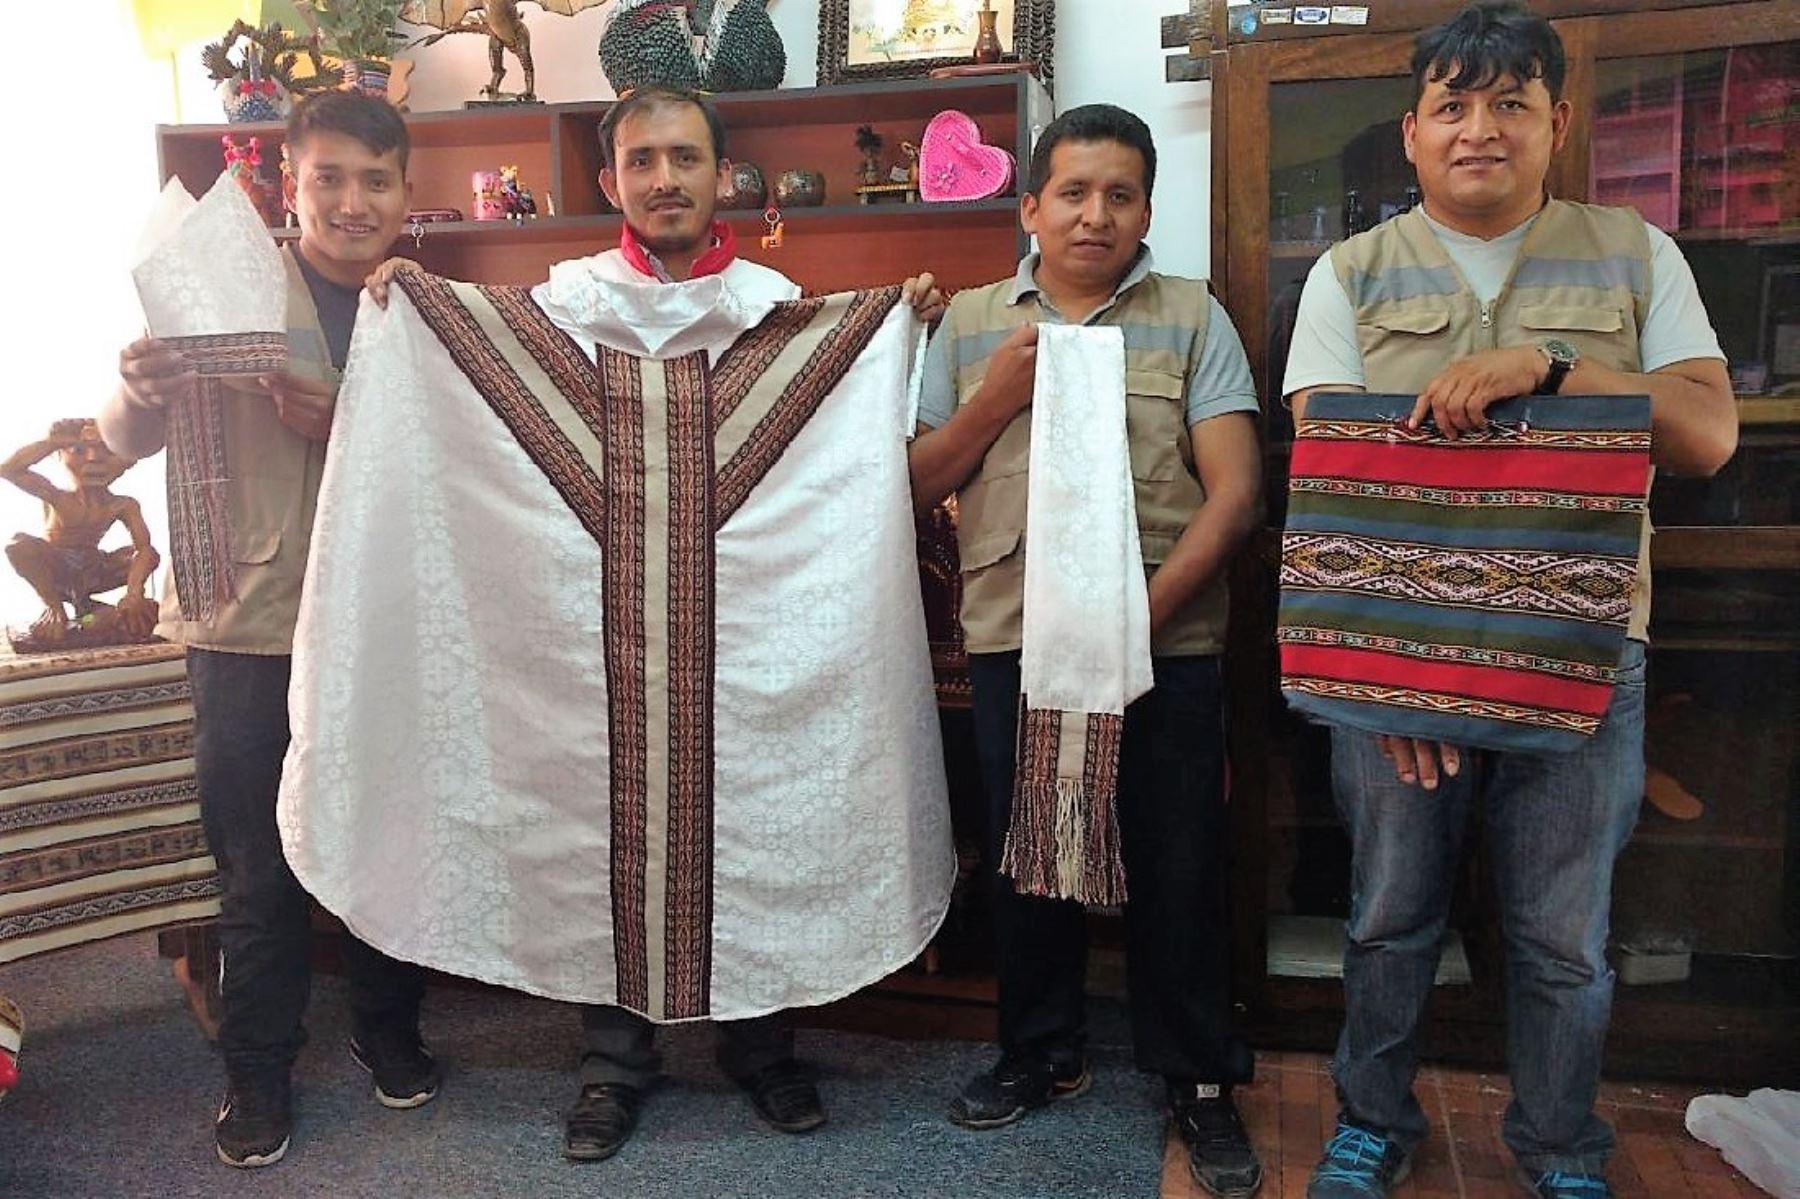 Esta es la casulla que entregarán los internos de penal de Cusco al Papa Francisco. ANDINA/Percy Hurtado Santillán